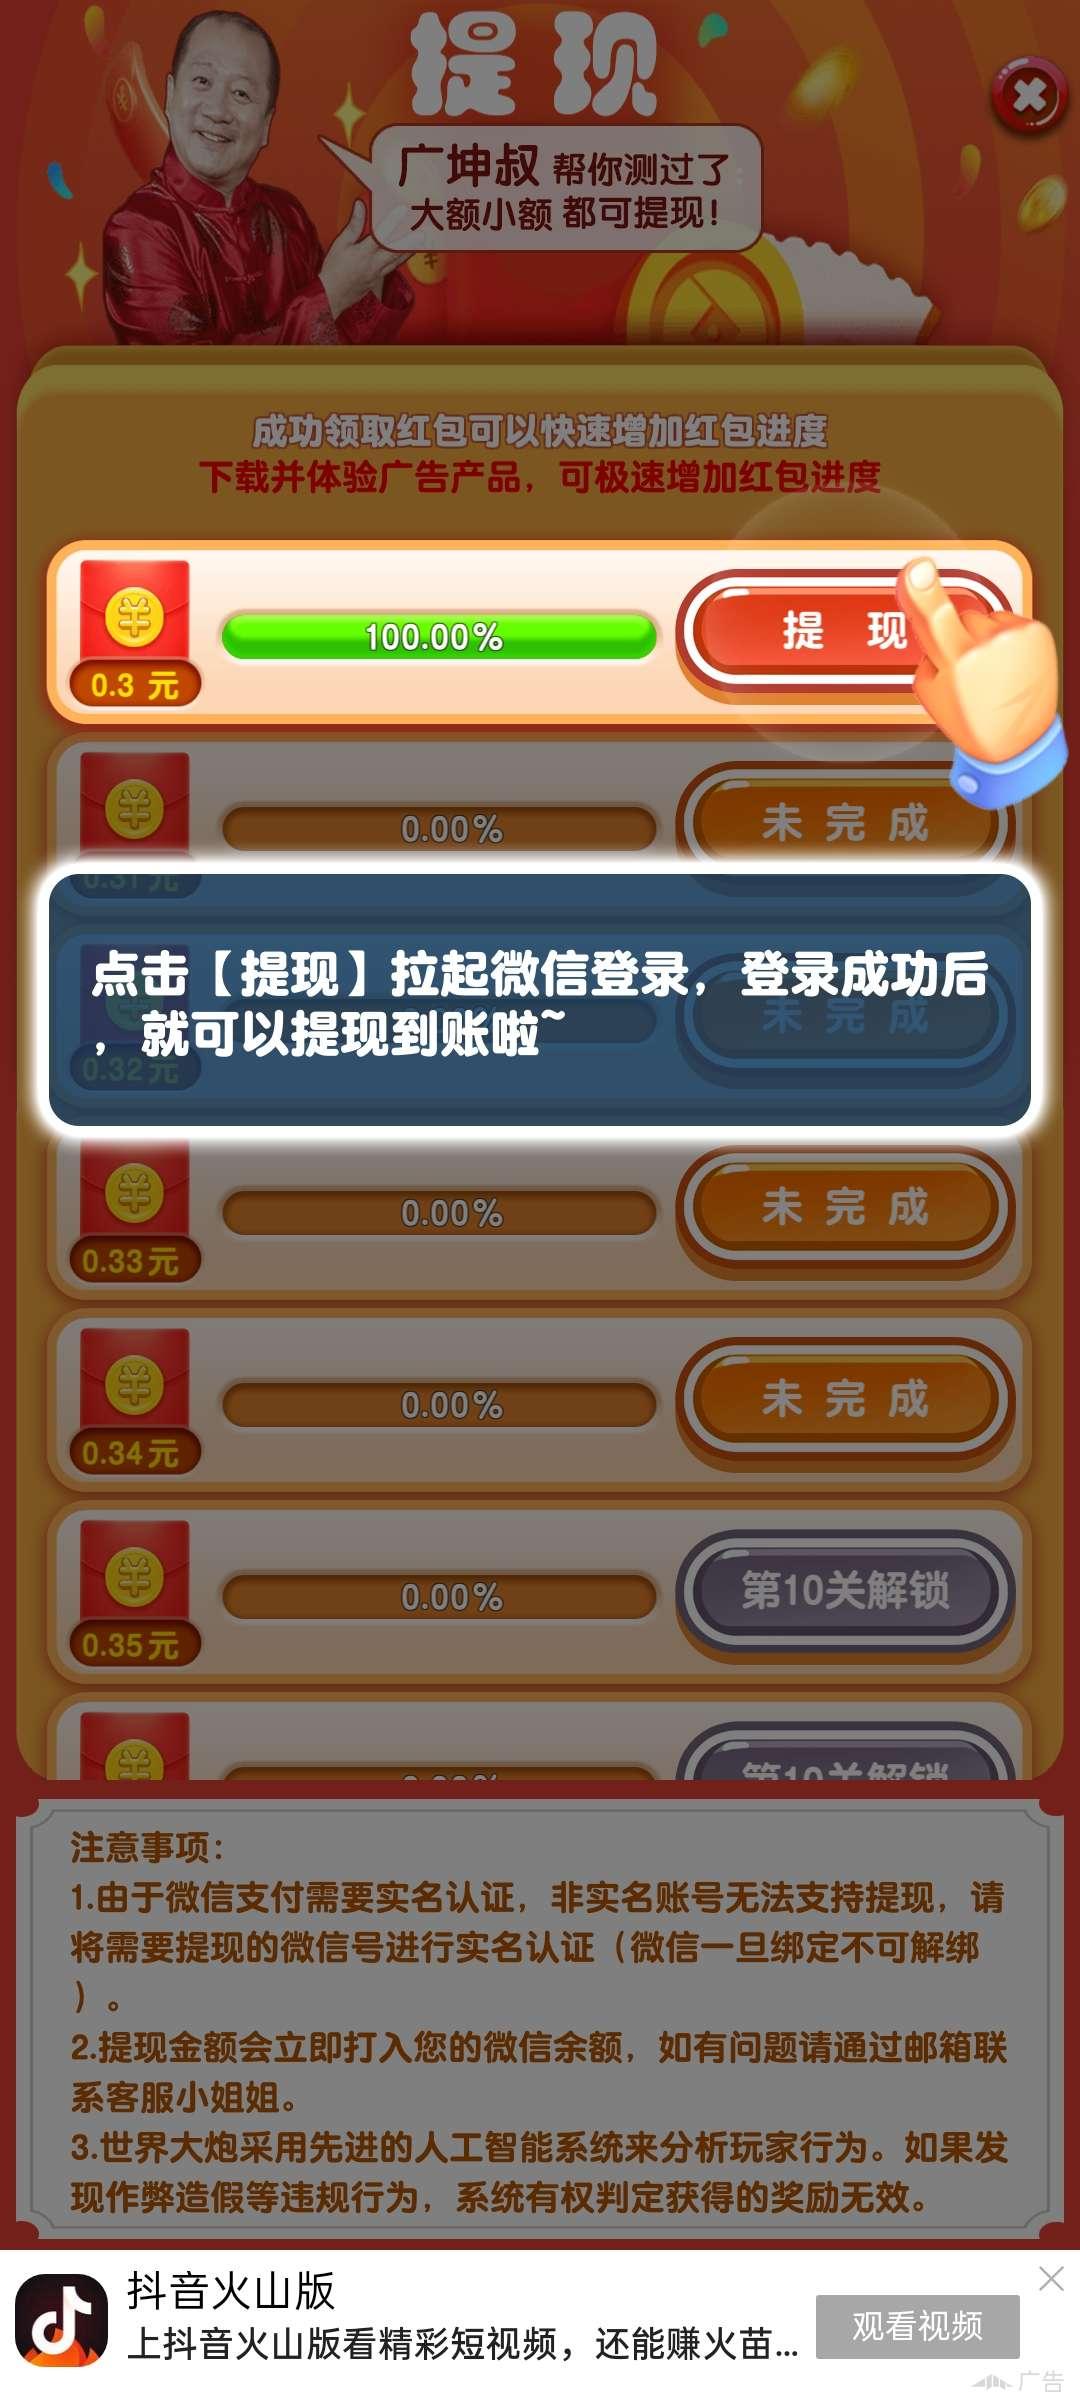 世界大炮玩游戏提现0.3r